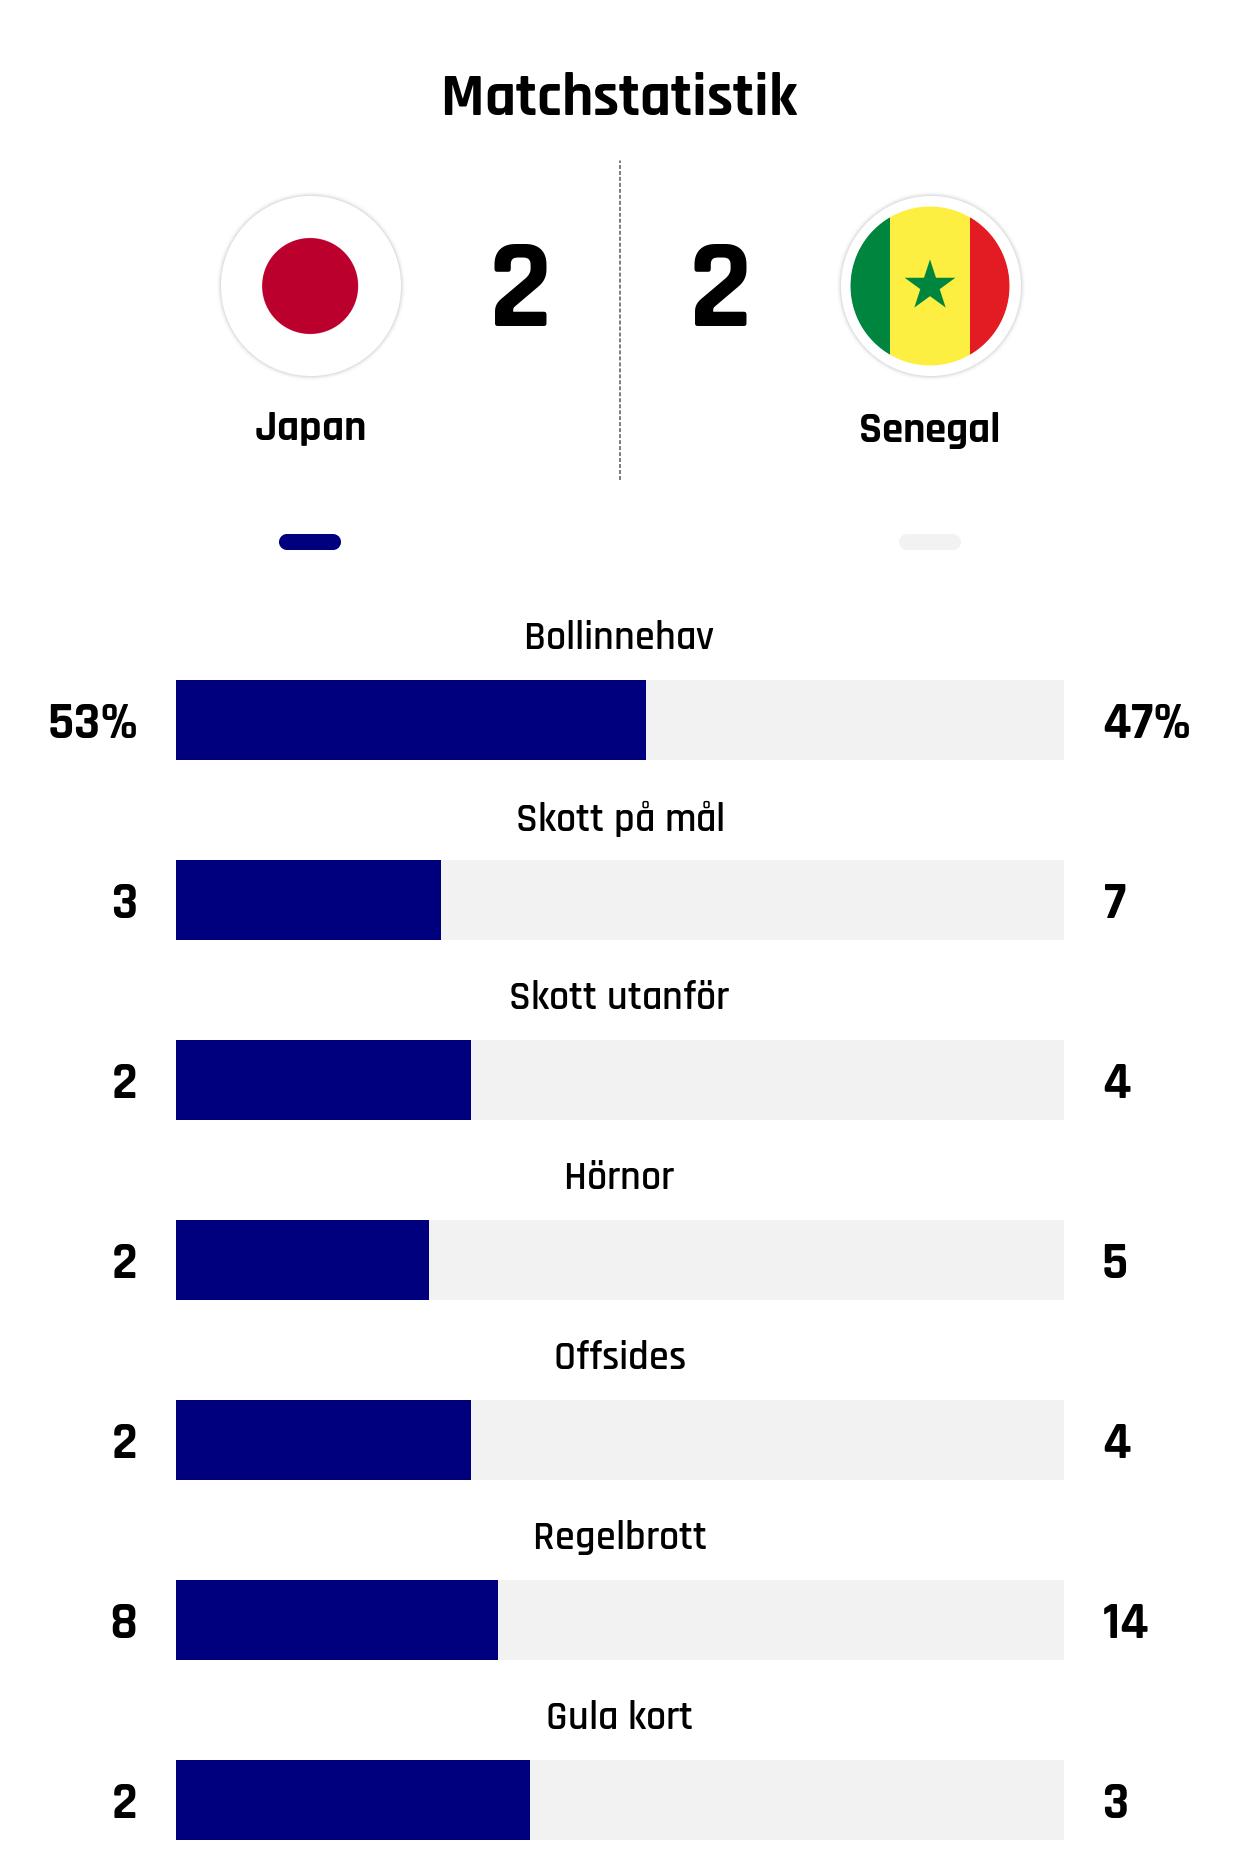 Bollinnehav 53%-47%<br /> Skott på mål 3-7<br /> Skott utanför 2-4<br /> Hörnor 2-5<br /> Offsides 2-4<br /> Regelbrott 8-14<br /> Gula kort 2-3